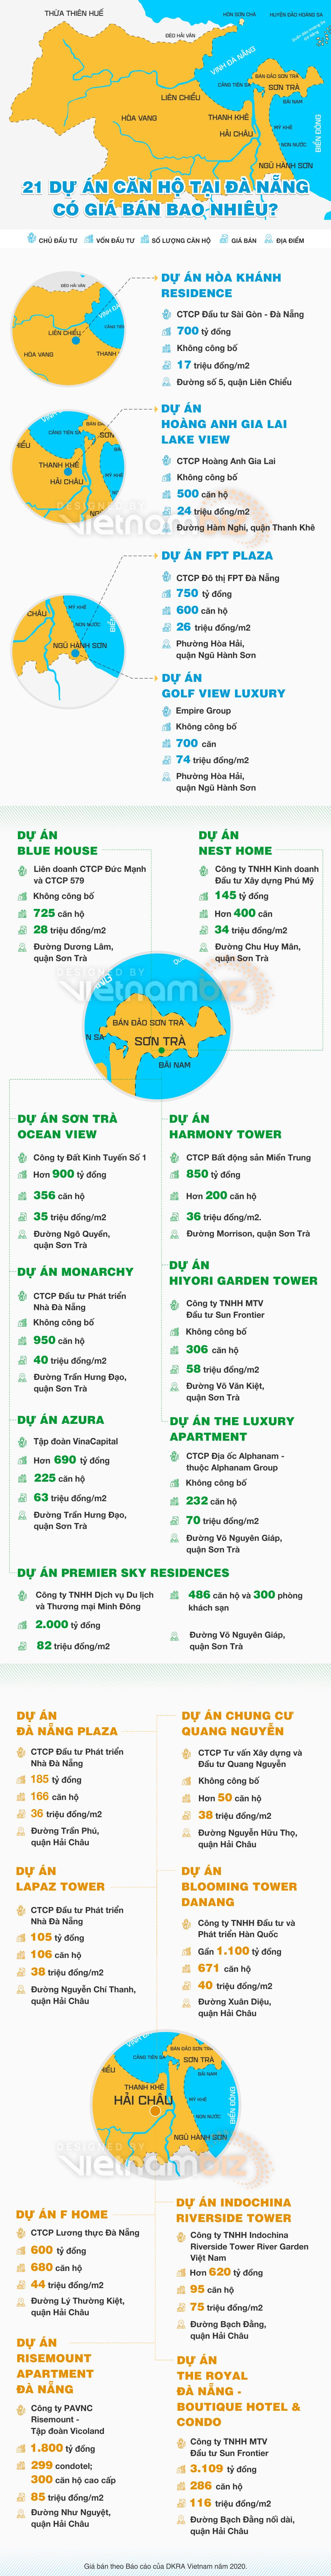 [Infographic] 21 dự án căn hộ tại Đà Nẵng có giá bán bao nhiêu? - Ảnh 1.